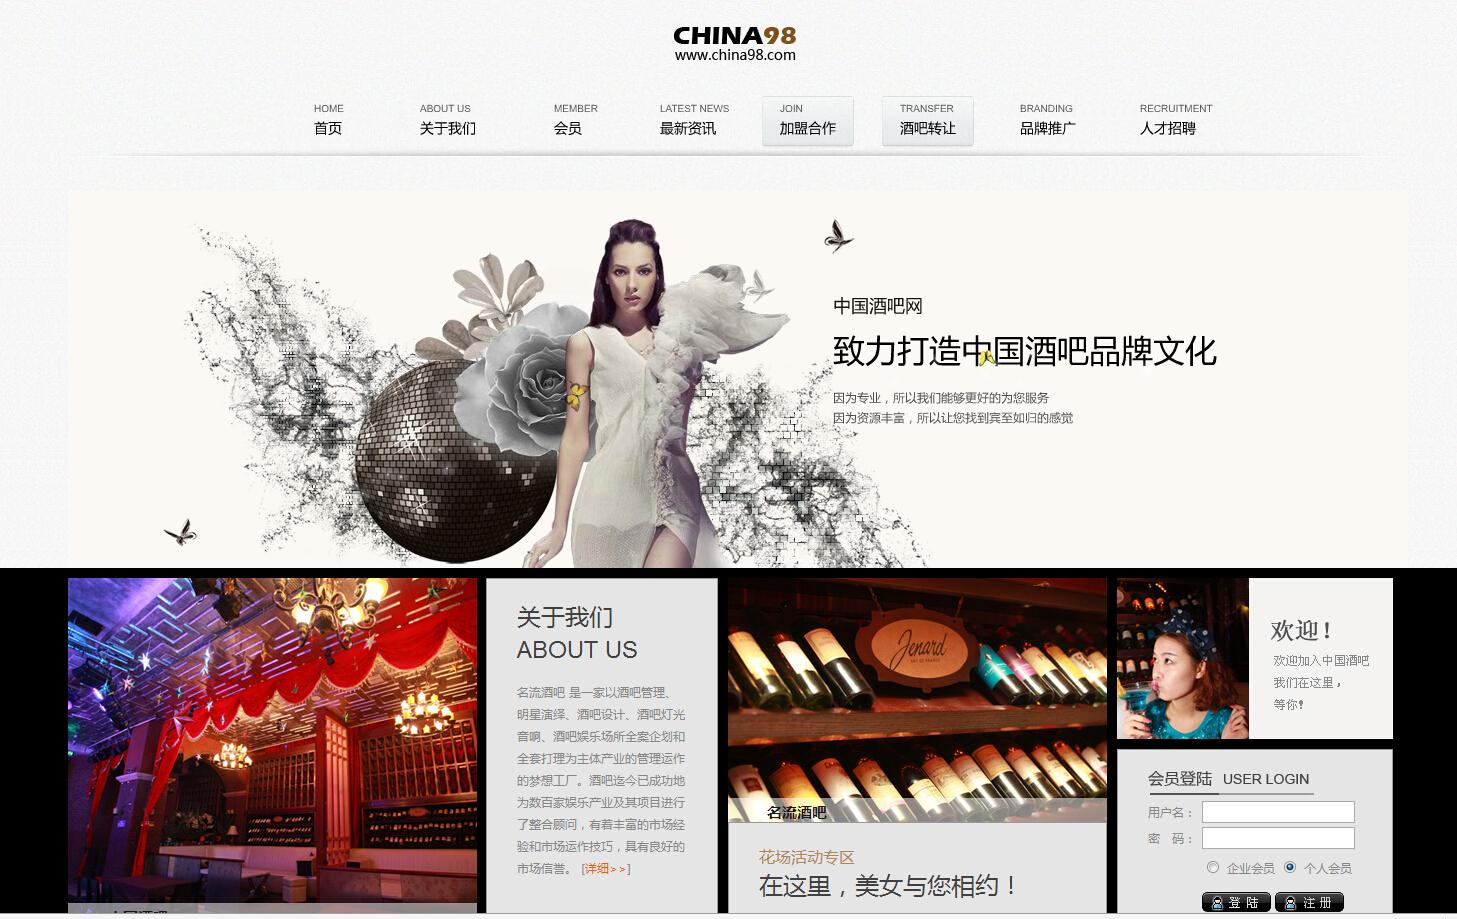 中国酒吧网络平台